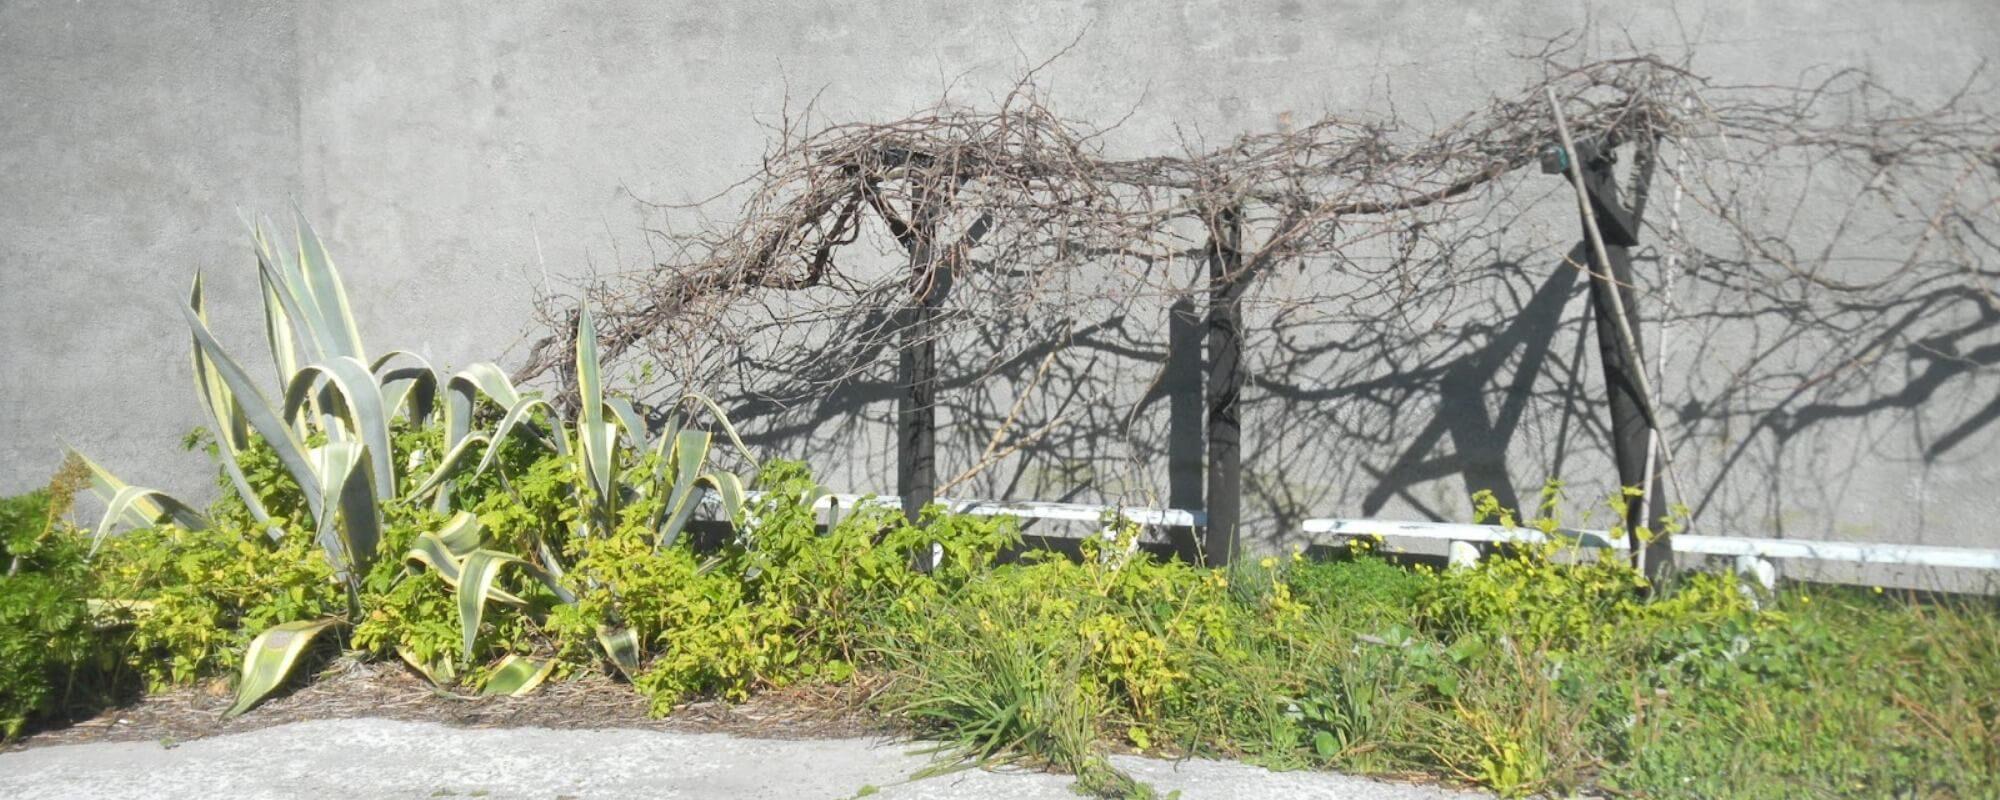 nelson-mandela-prison-garden